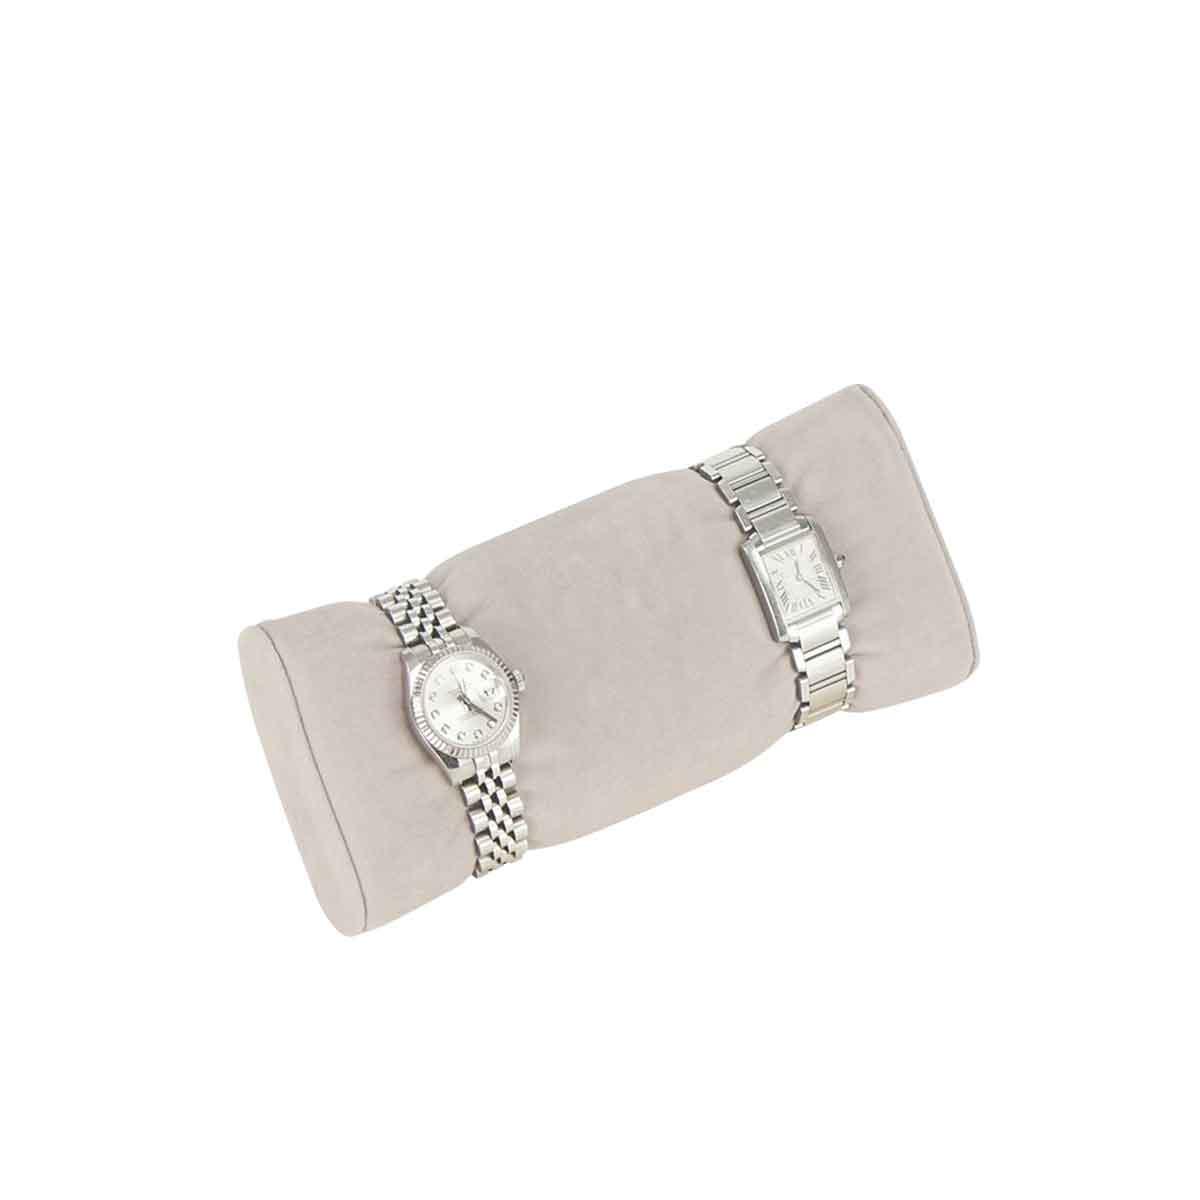 Rouleau de rangement pour montres en velours gris beige